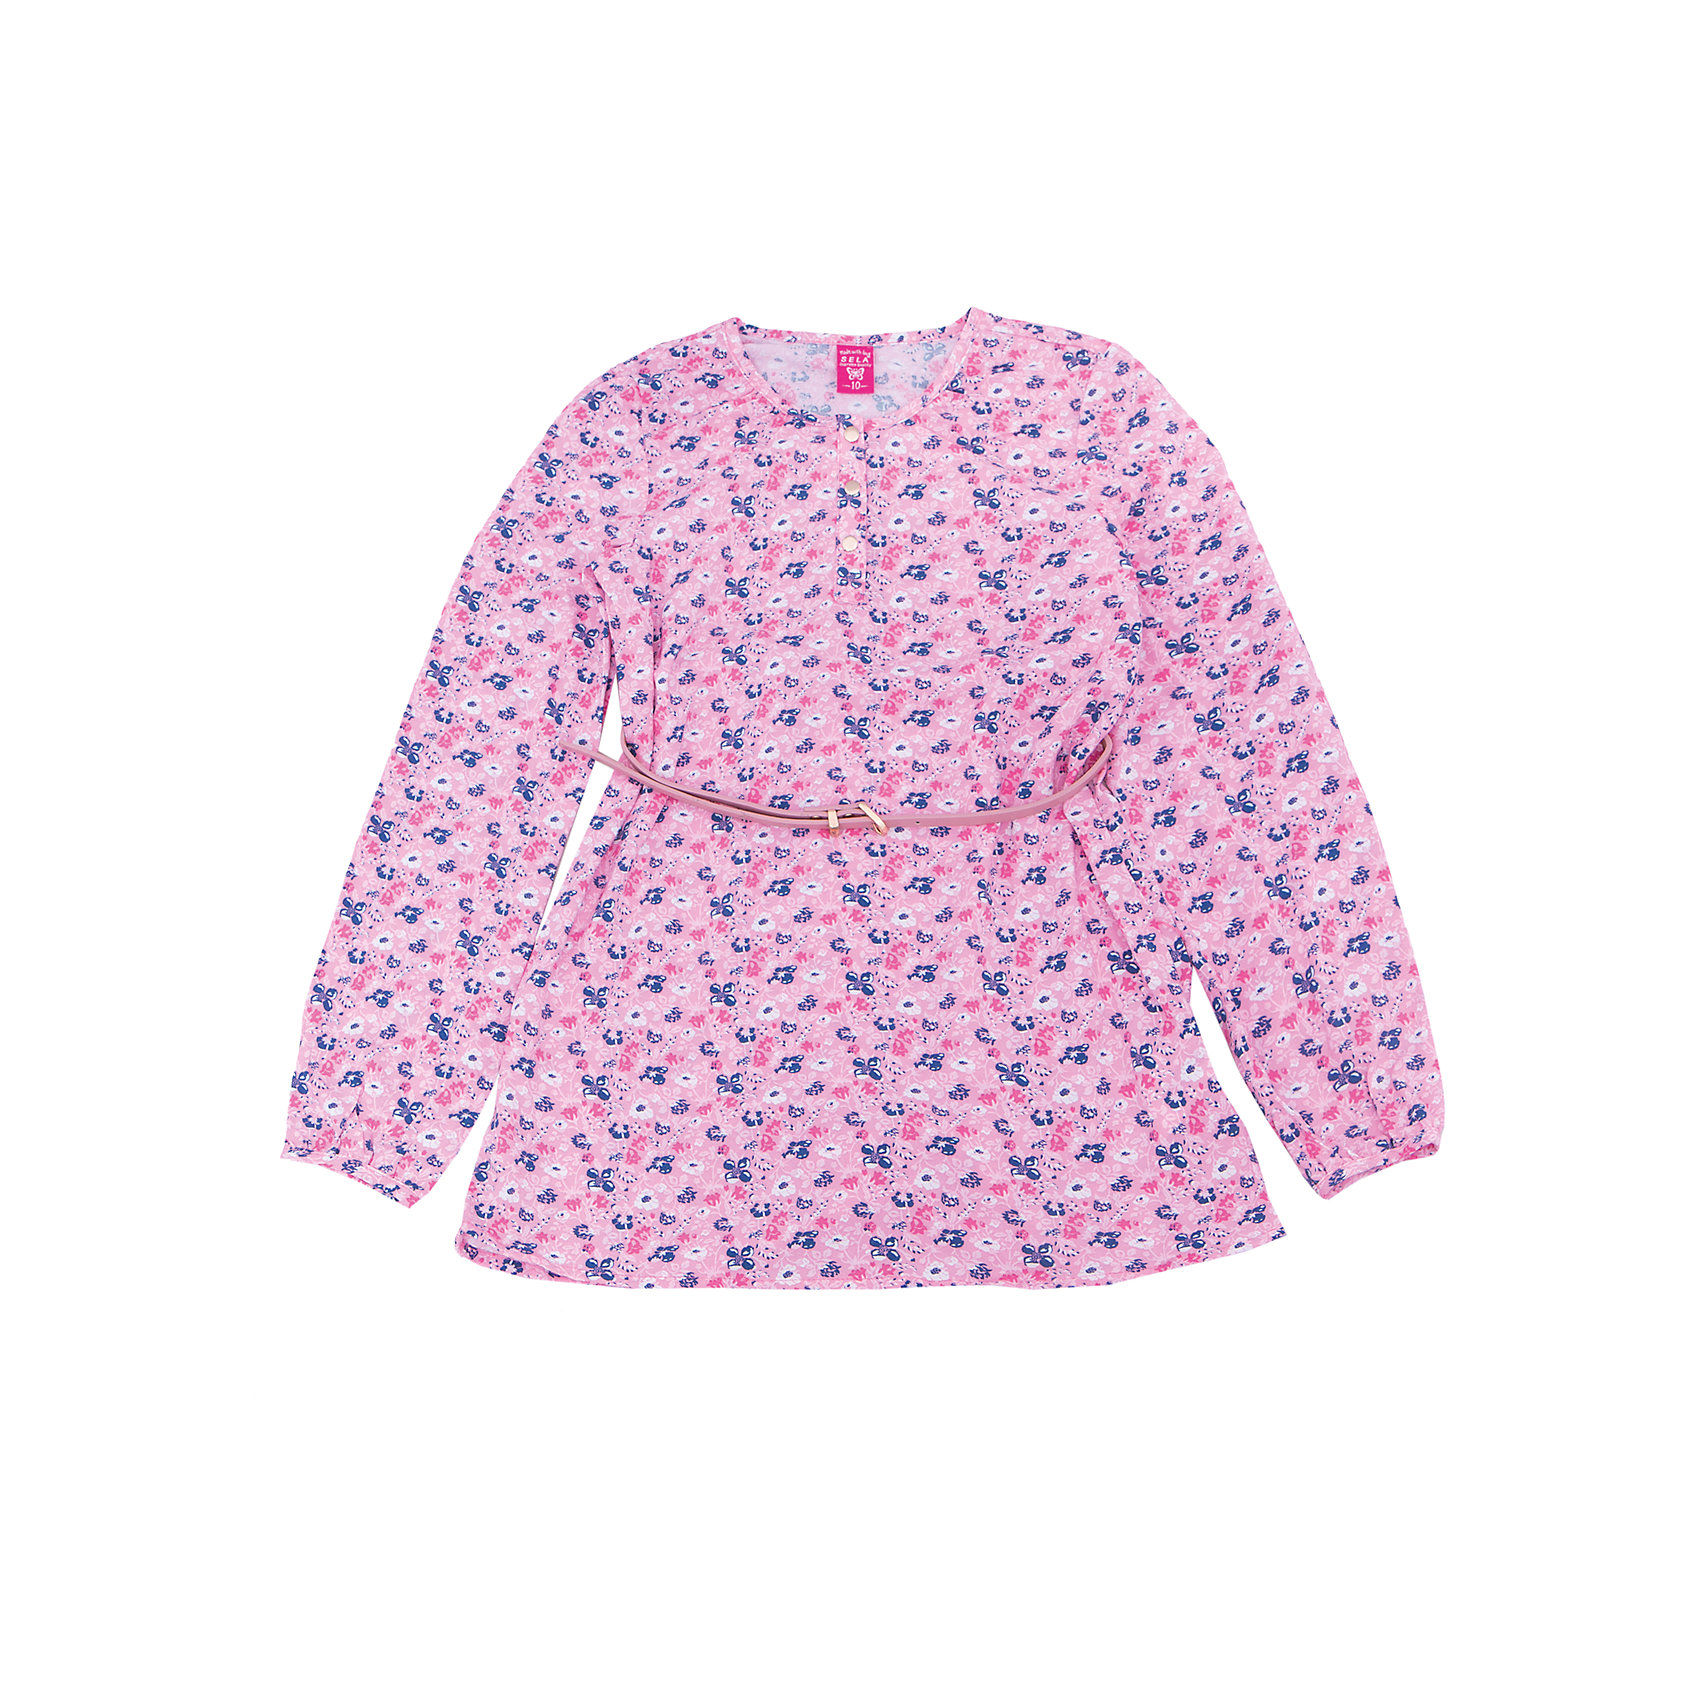 Блуза для девочки SELAБлузки и рубашки<br>Характеристики товара:<br><br>• цвет: розовый<br>• состав: 100% вискоза<br>• декорирована принтом<br>• приталенная<br>• длинные рукава<br>• округлый горловой вырез<br>• коллекция весна-лето 2017<br>• страна бренда: Российская Федерация<br><br>В новой коллекции SELA отличные модели одежды! Эта блуза для девочки поможет разнообразить гардероб ребенка и обеспечить комфорт. Она отлично сочетается с юбками и брюками. Стильная и удобная вещь!<br><br>Одежда, обувь и аксессуары от российского бренда SELA не зря пользуются большой популярностью у детей и взрослых! Модели этой марки - стильные и удобные, цена при этом неизменно остается доступной. Для их производства используются только безопасные, качественные материалы и фурнитура. Новая коллекция поддерживает хорошие традиции бренда! <br><br>Блузу для девочки от популярного бренда SELA (СЕЛА) можно купить в нашем интернет-магазине.<br><br>Ширина мм: 186<br>Глубина мм: 87<br>Высота мм: 198<br>Вес г: 197<br>Цвет: розовый<br>Возраст от месяцев: 108<br>Возраст до месяцев: 120<br>Пол: Женский<br>Возраст: Детский<br>Размер: 140,134,128,122,152,146<br>SKU: 5306937